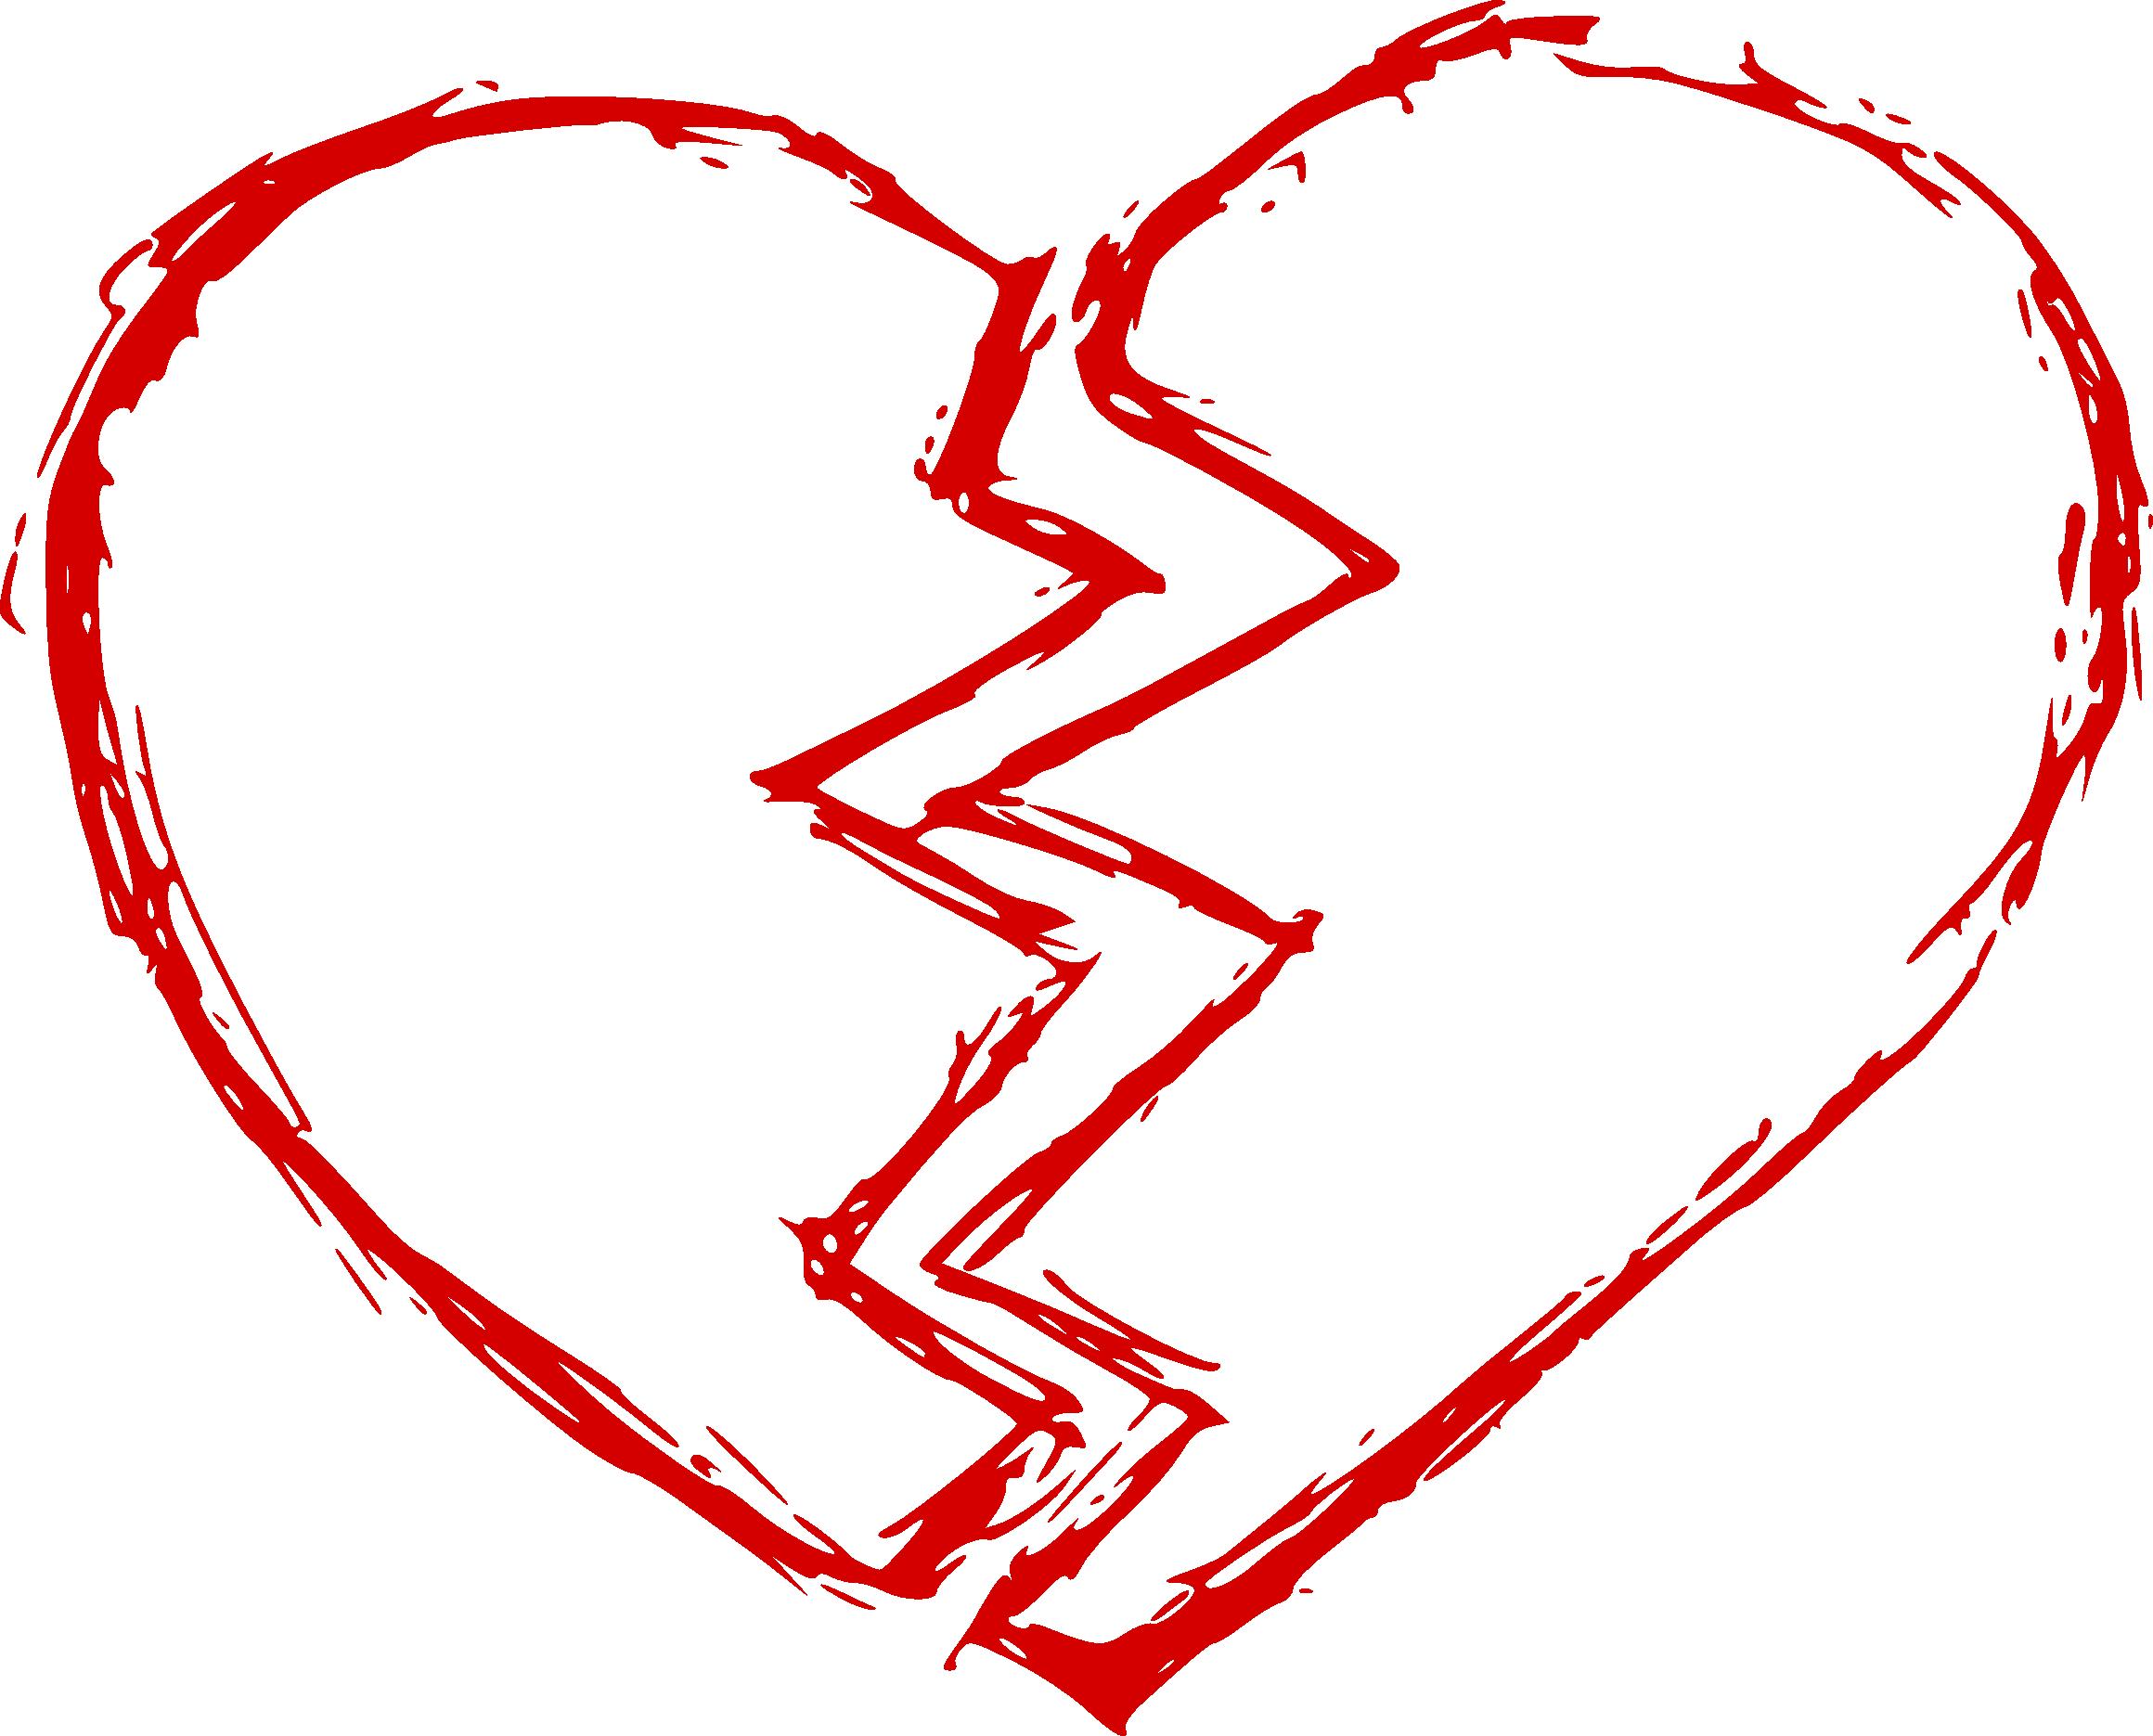 мода с брейком картинки сердца веры нет